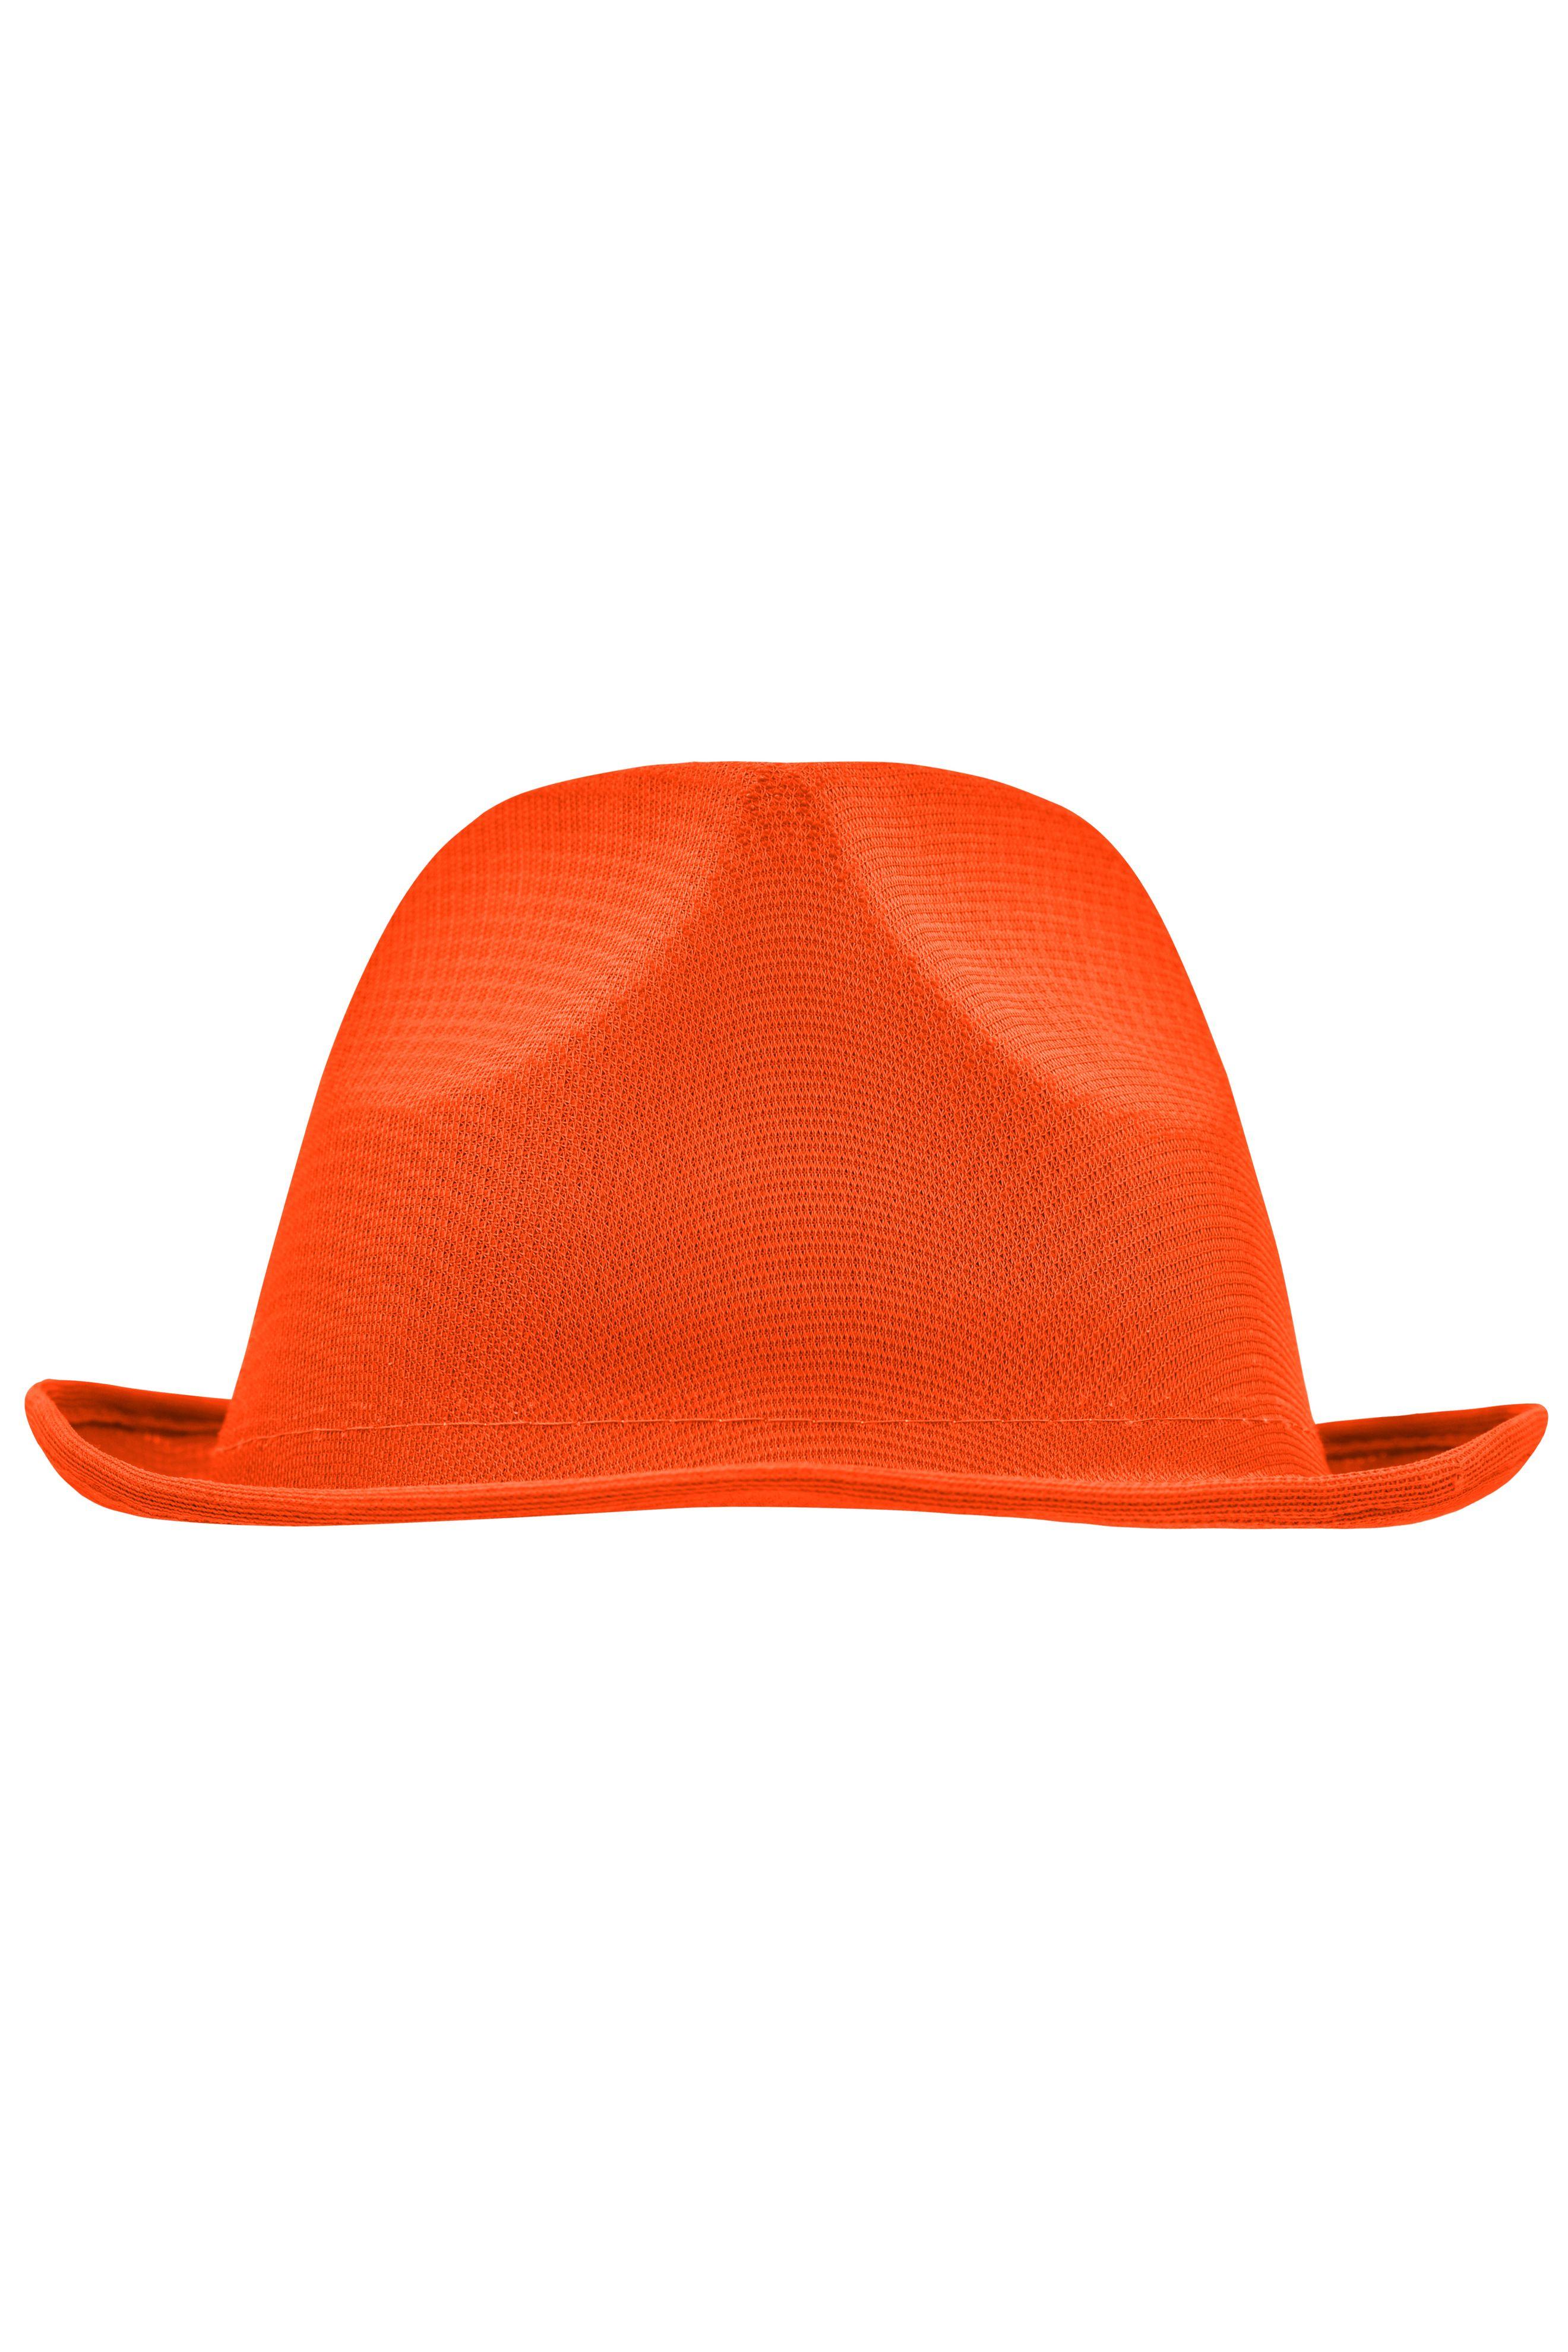 Leichter Hut in zahlreichen Farbnuancen